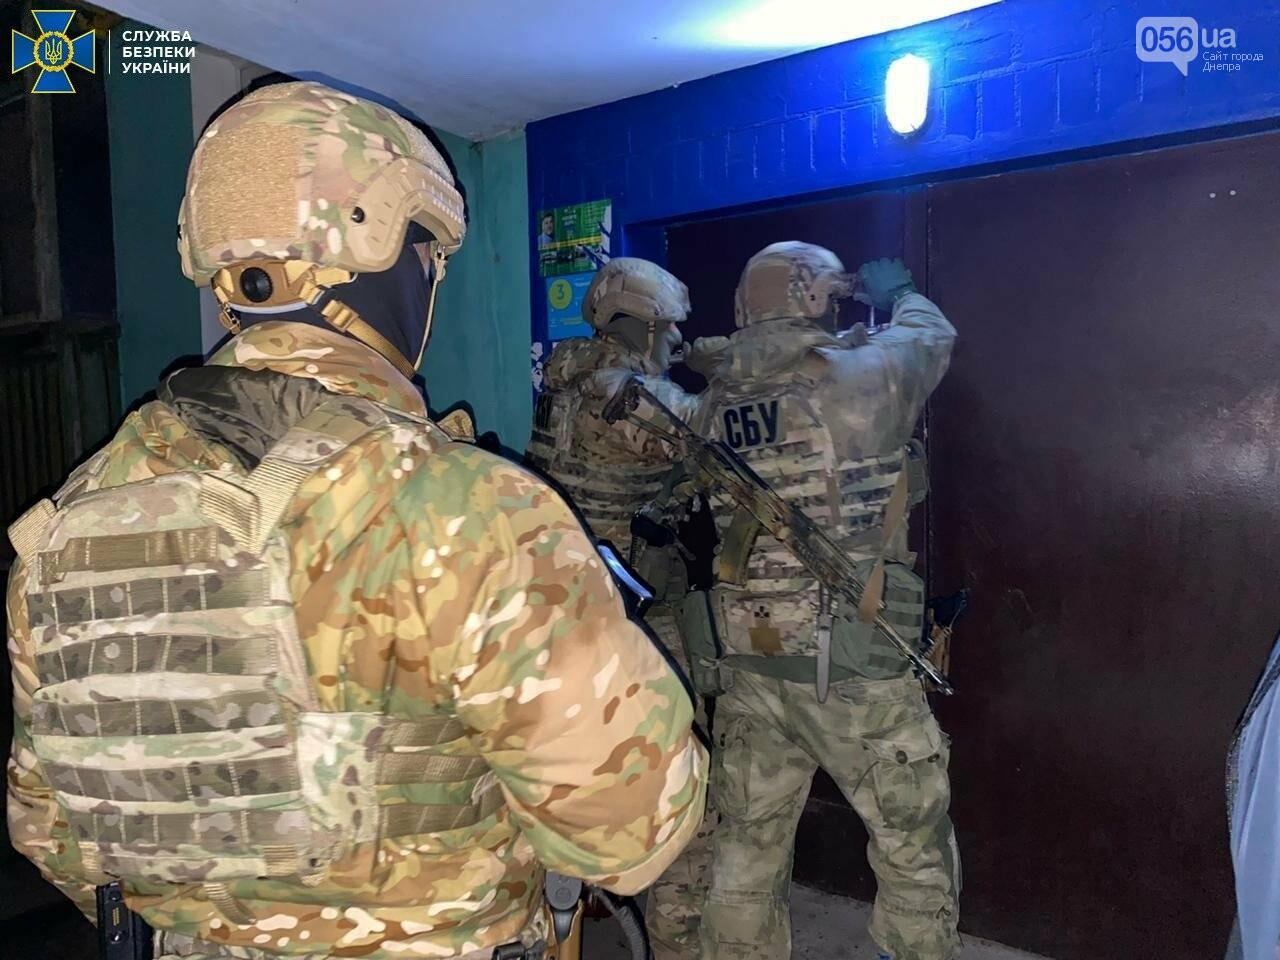 На Днепропетровщине раскрыли преступную группу, похищавшую людей, фото-1